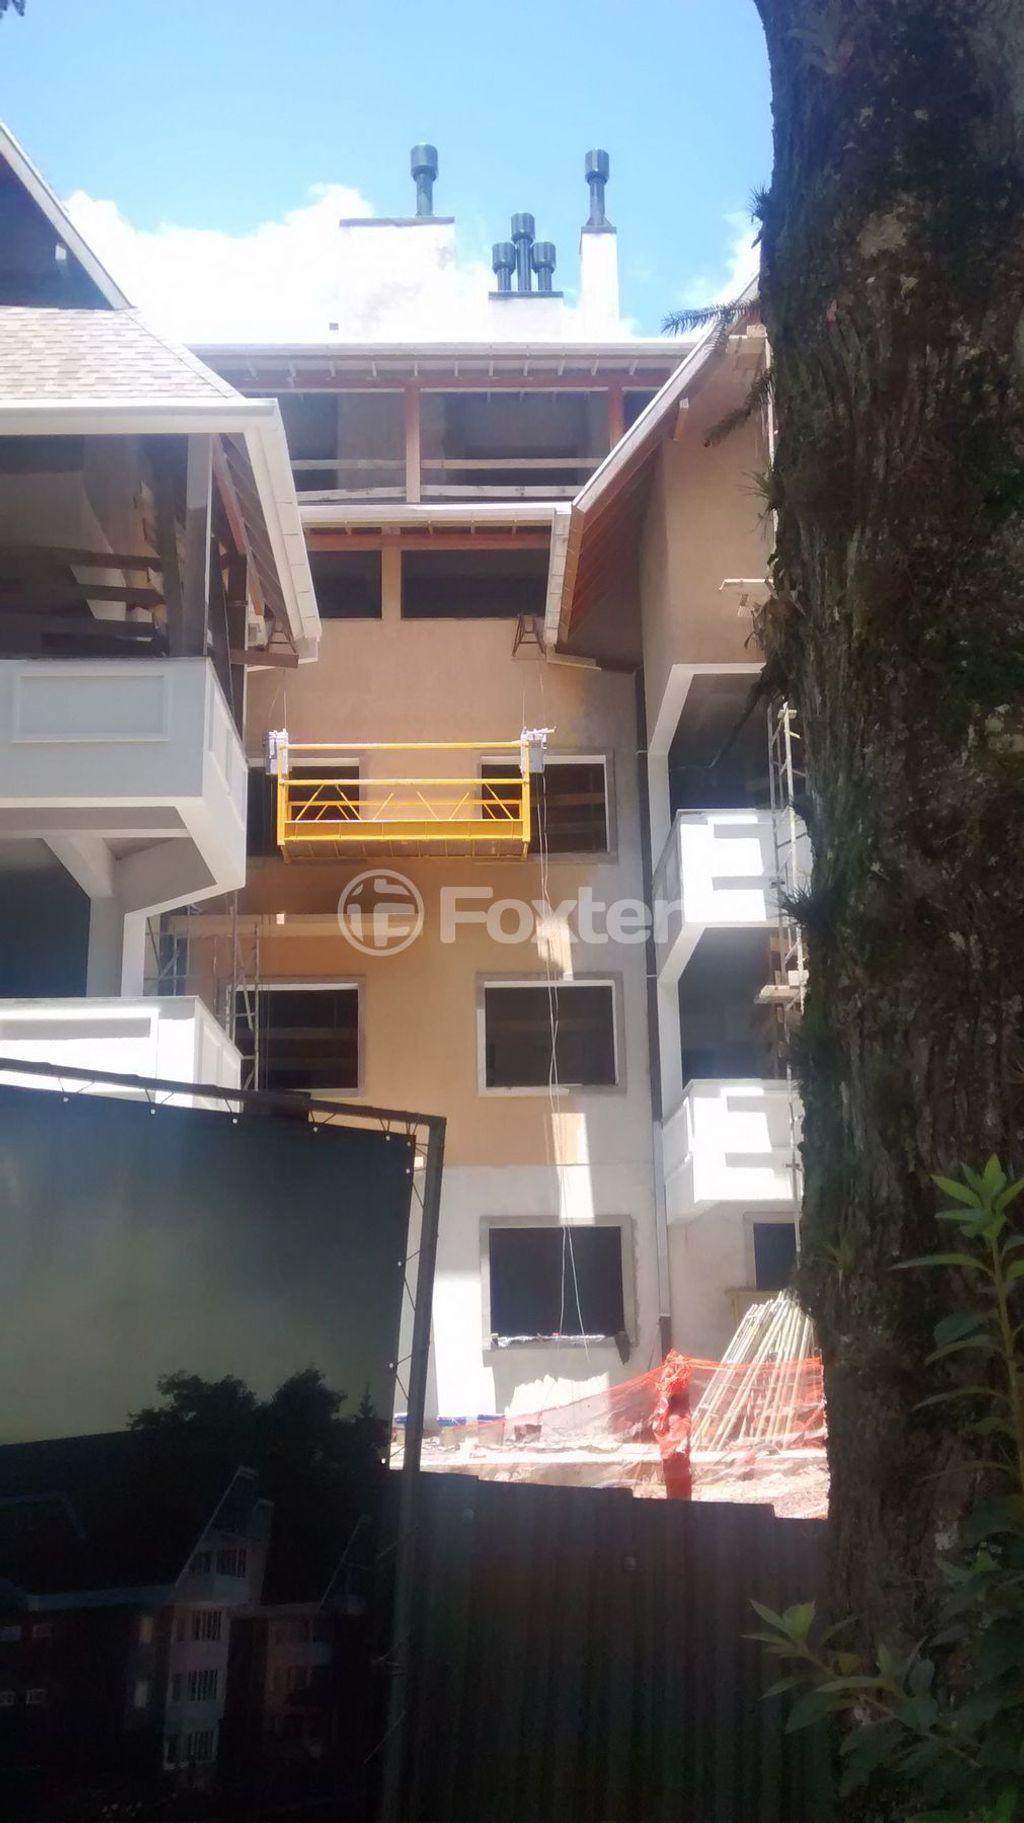 Foxter Imobiliária - Apto 2 Dorm, Centro, Gramado - Foto 9